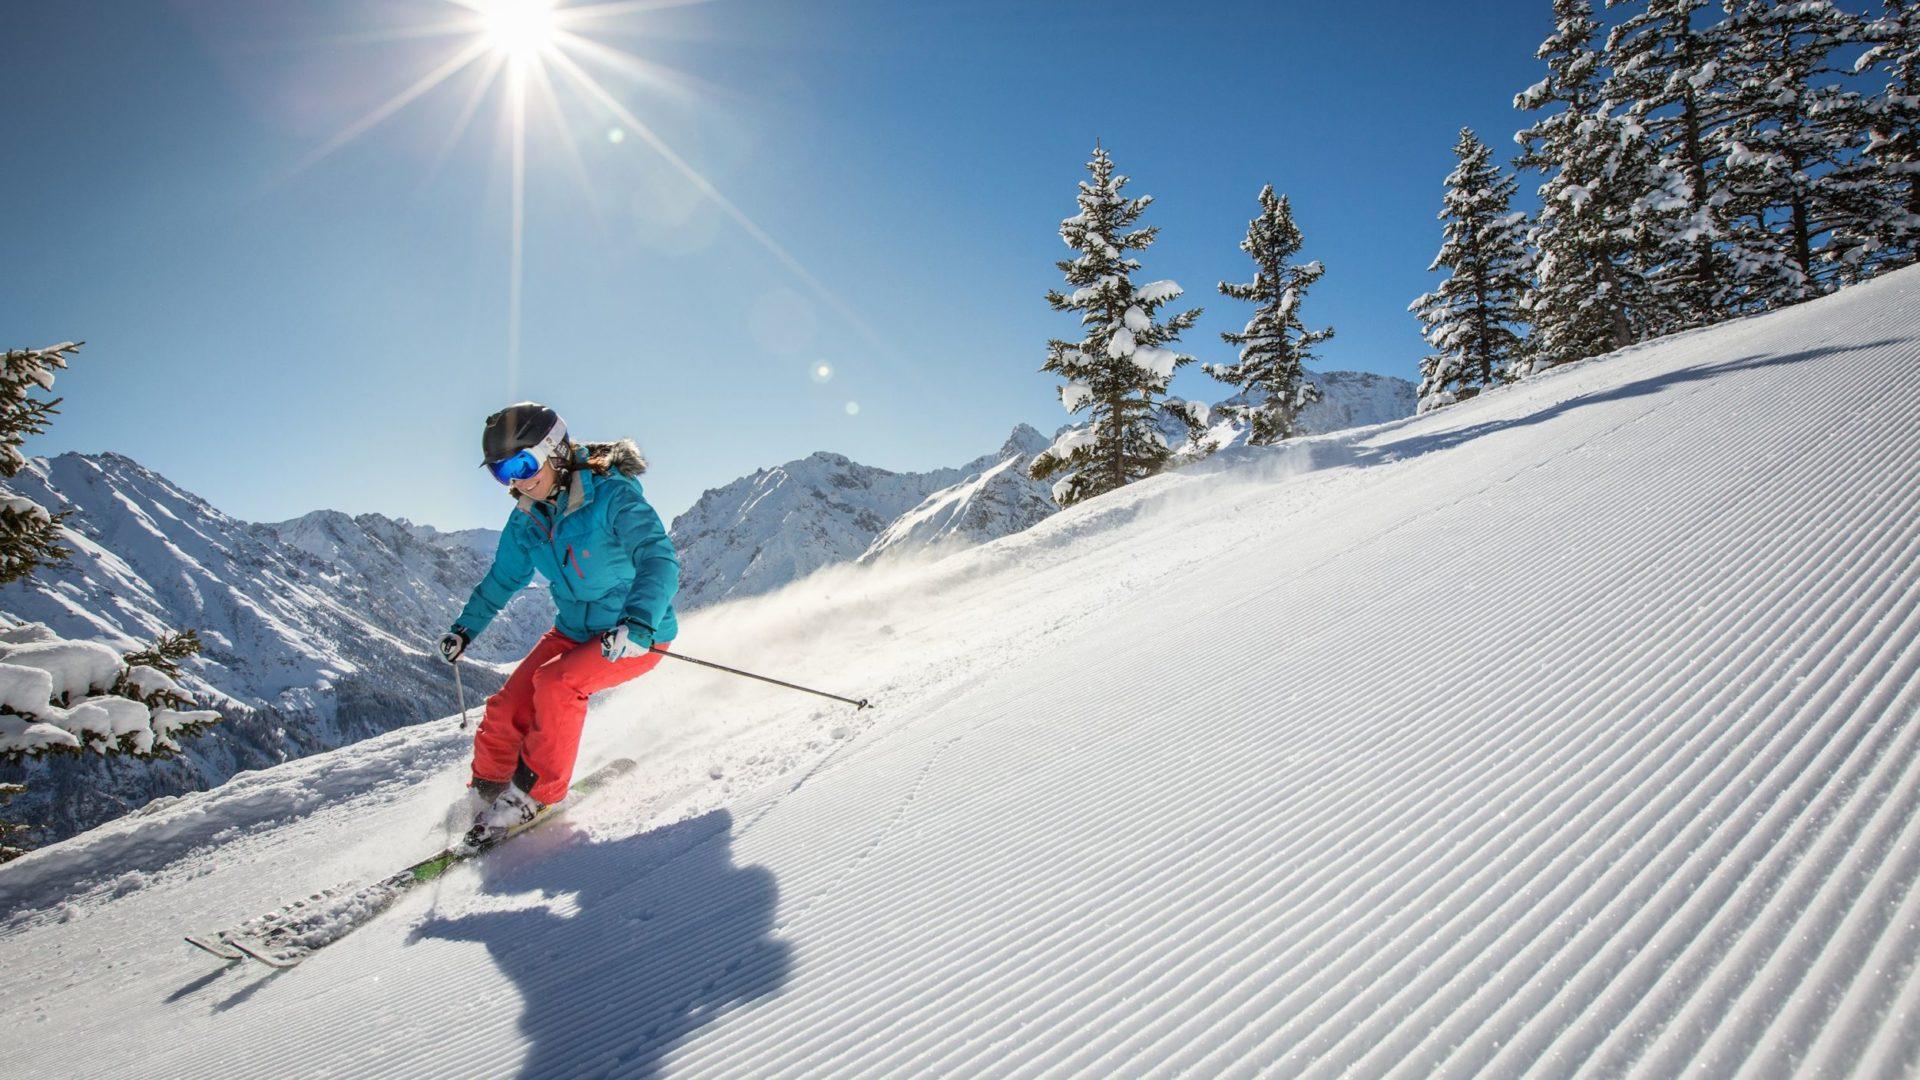 Skifahren im Brandnertal, Vorarlberg (c) Michael Marte, Bergbahnen Brandnertal